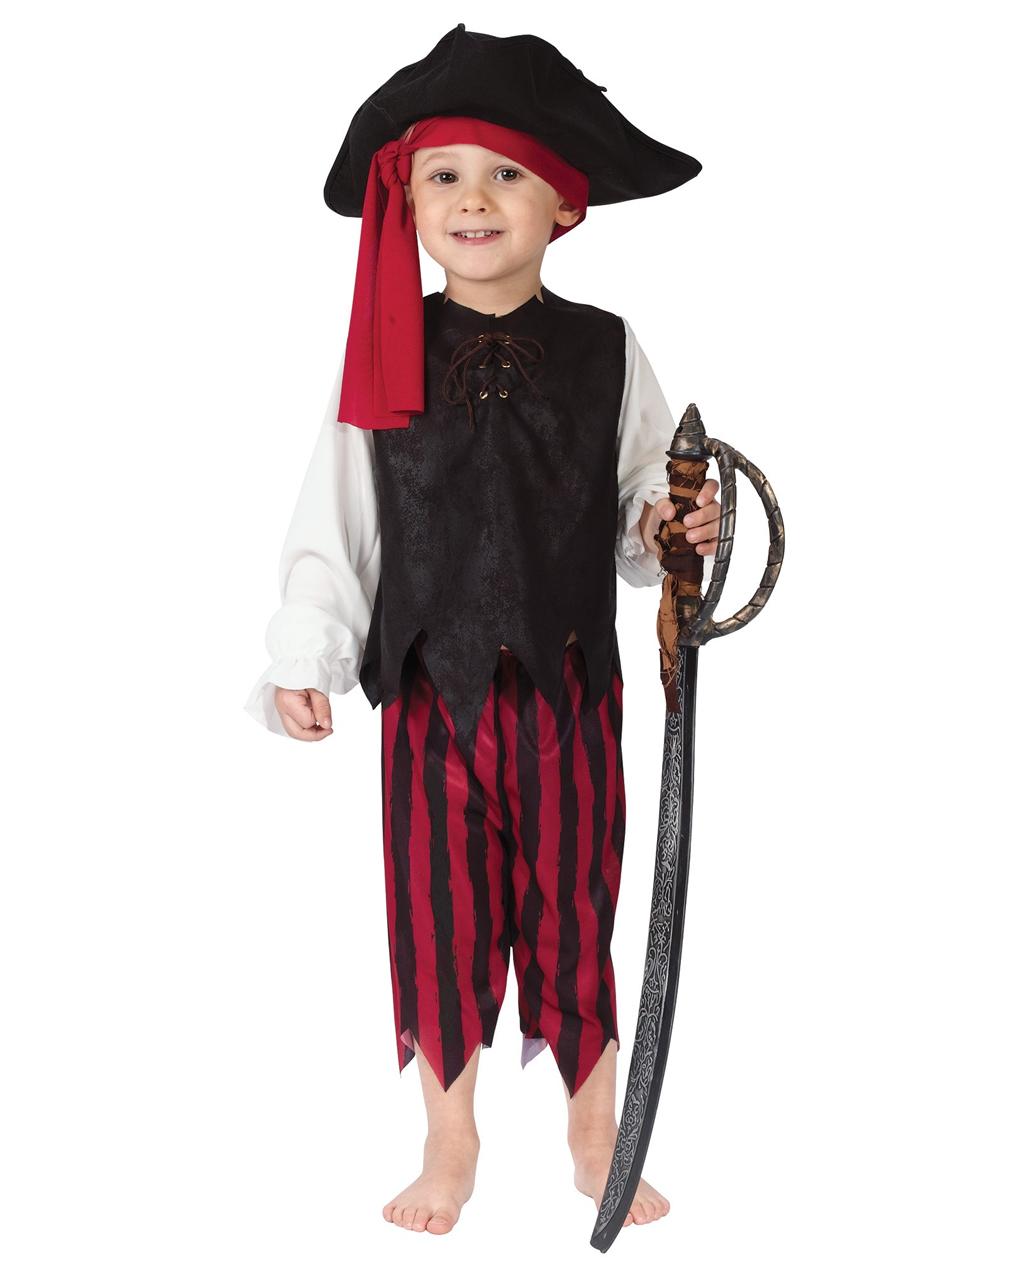 Kleiner Pirat Kleinkinder Kostum Fur Fasching Halloween Horror